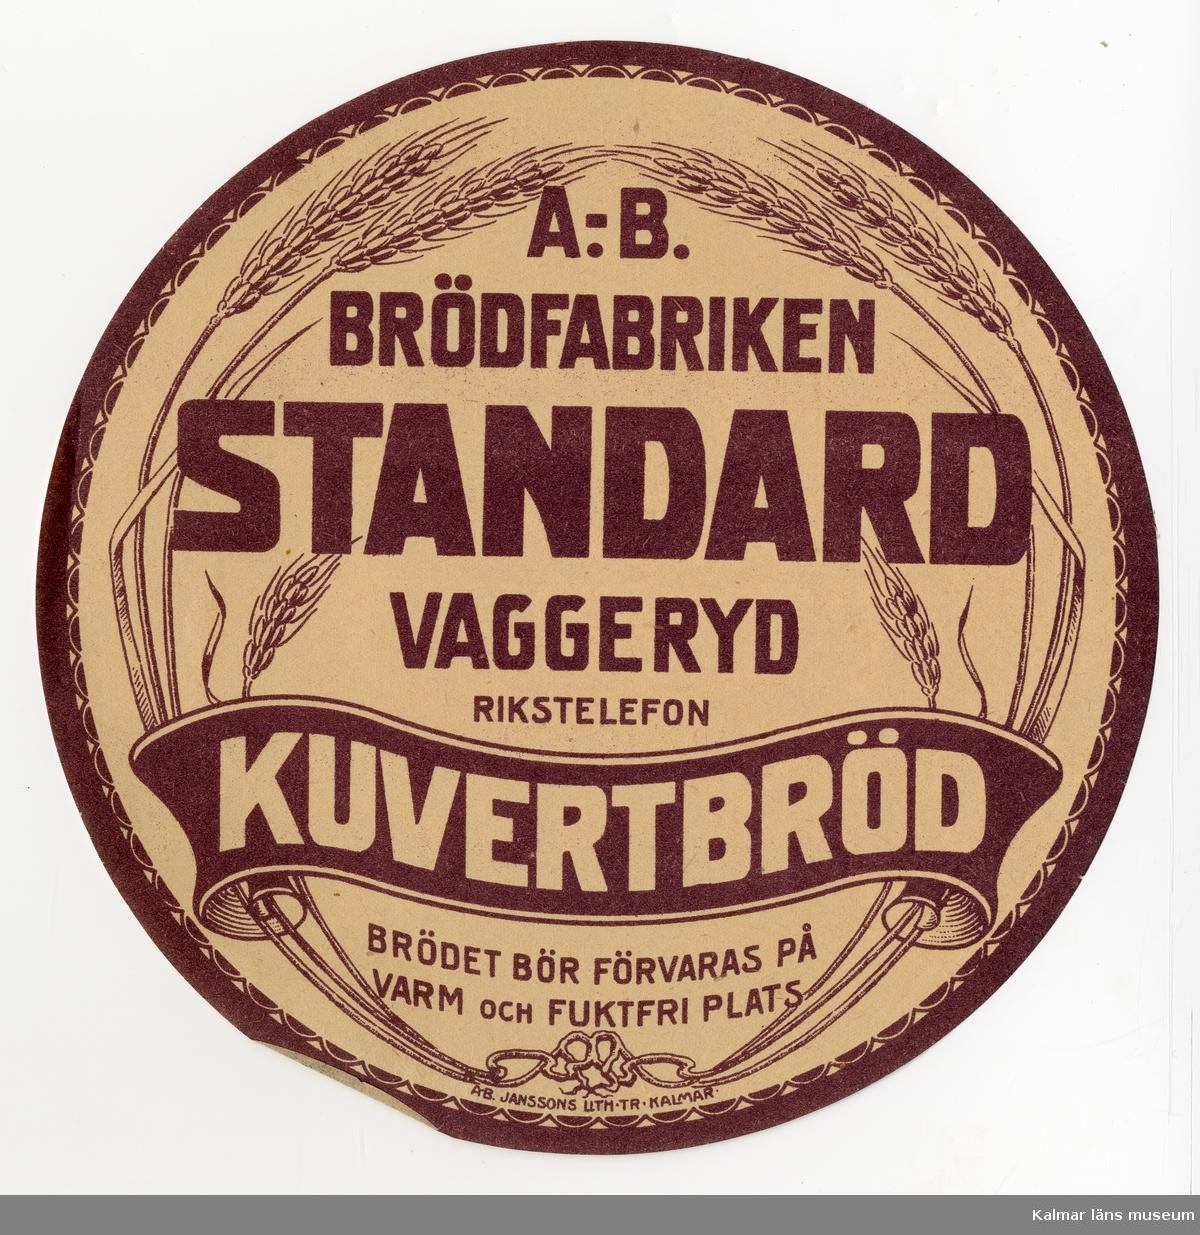 KLM 21360:3:28 Etikett, av papper, tryck av litografisk etikett. På etiketten text: Standard Kuvertbröd. I färgen brun text på beige bakgrund. Etikett till knäckebrödsförpackning. Beställare: A.-B. Brödfabriken, Vaggeryd. Tryckt på Janssons Litografisk tryckeri i Kalmar. Trycket låg löst i provbok med varuetiketter mm, KLM 21360:1.